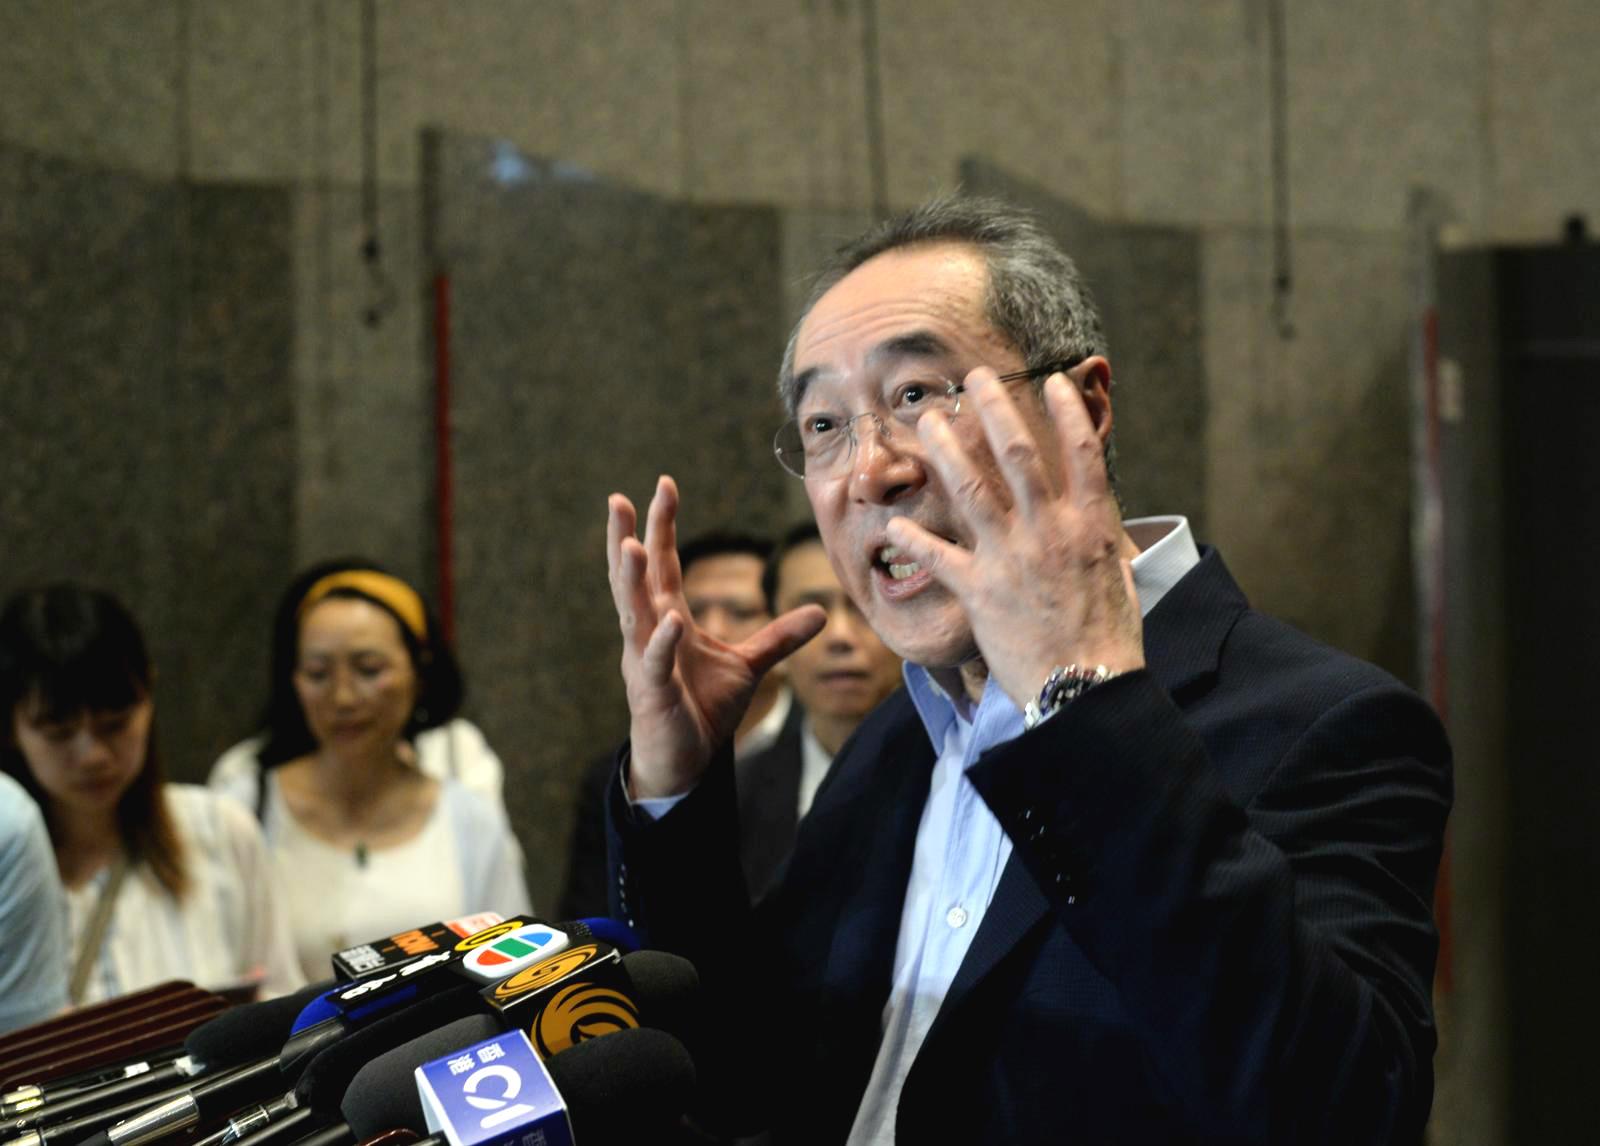 唐英年質疑示威者要求撤銷檢控已違反《基本法》。